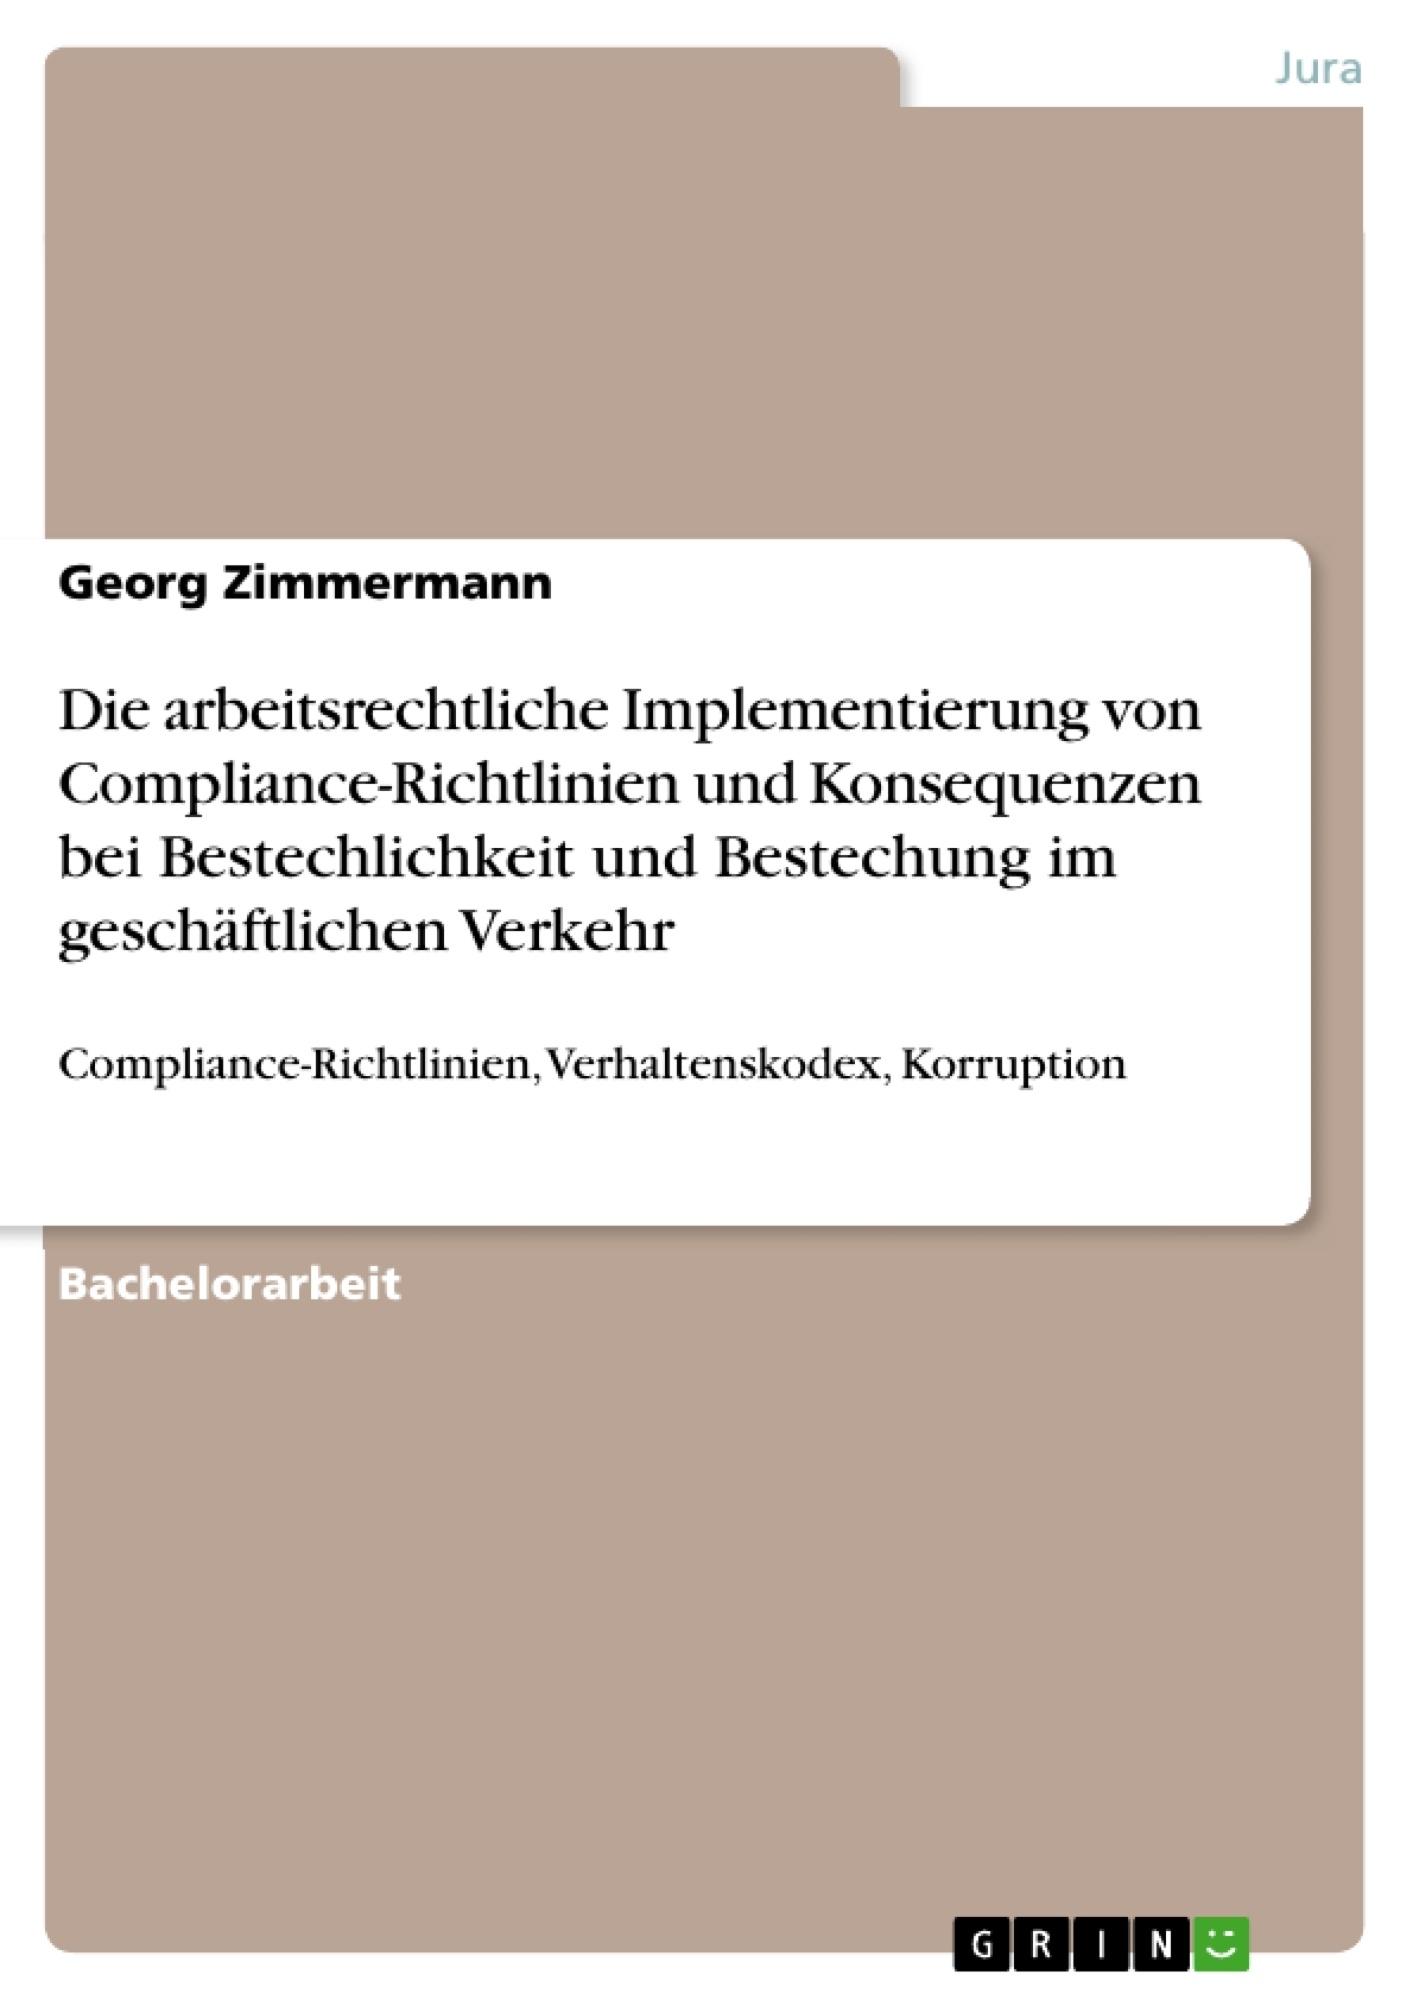 Titel: Die arbeitsrechtliche Implementierung von Compliance-Richtlinien und Konsequenzen bei Bestechlichkeit und  Bestechung im geschäftlichen Verkehr